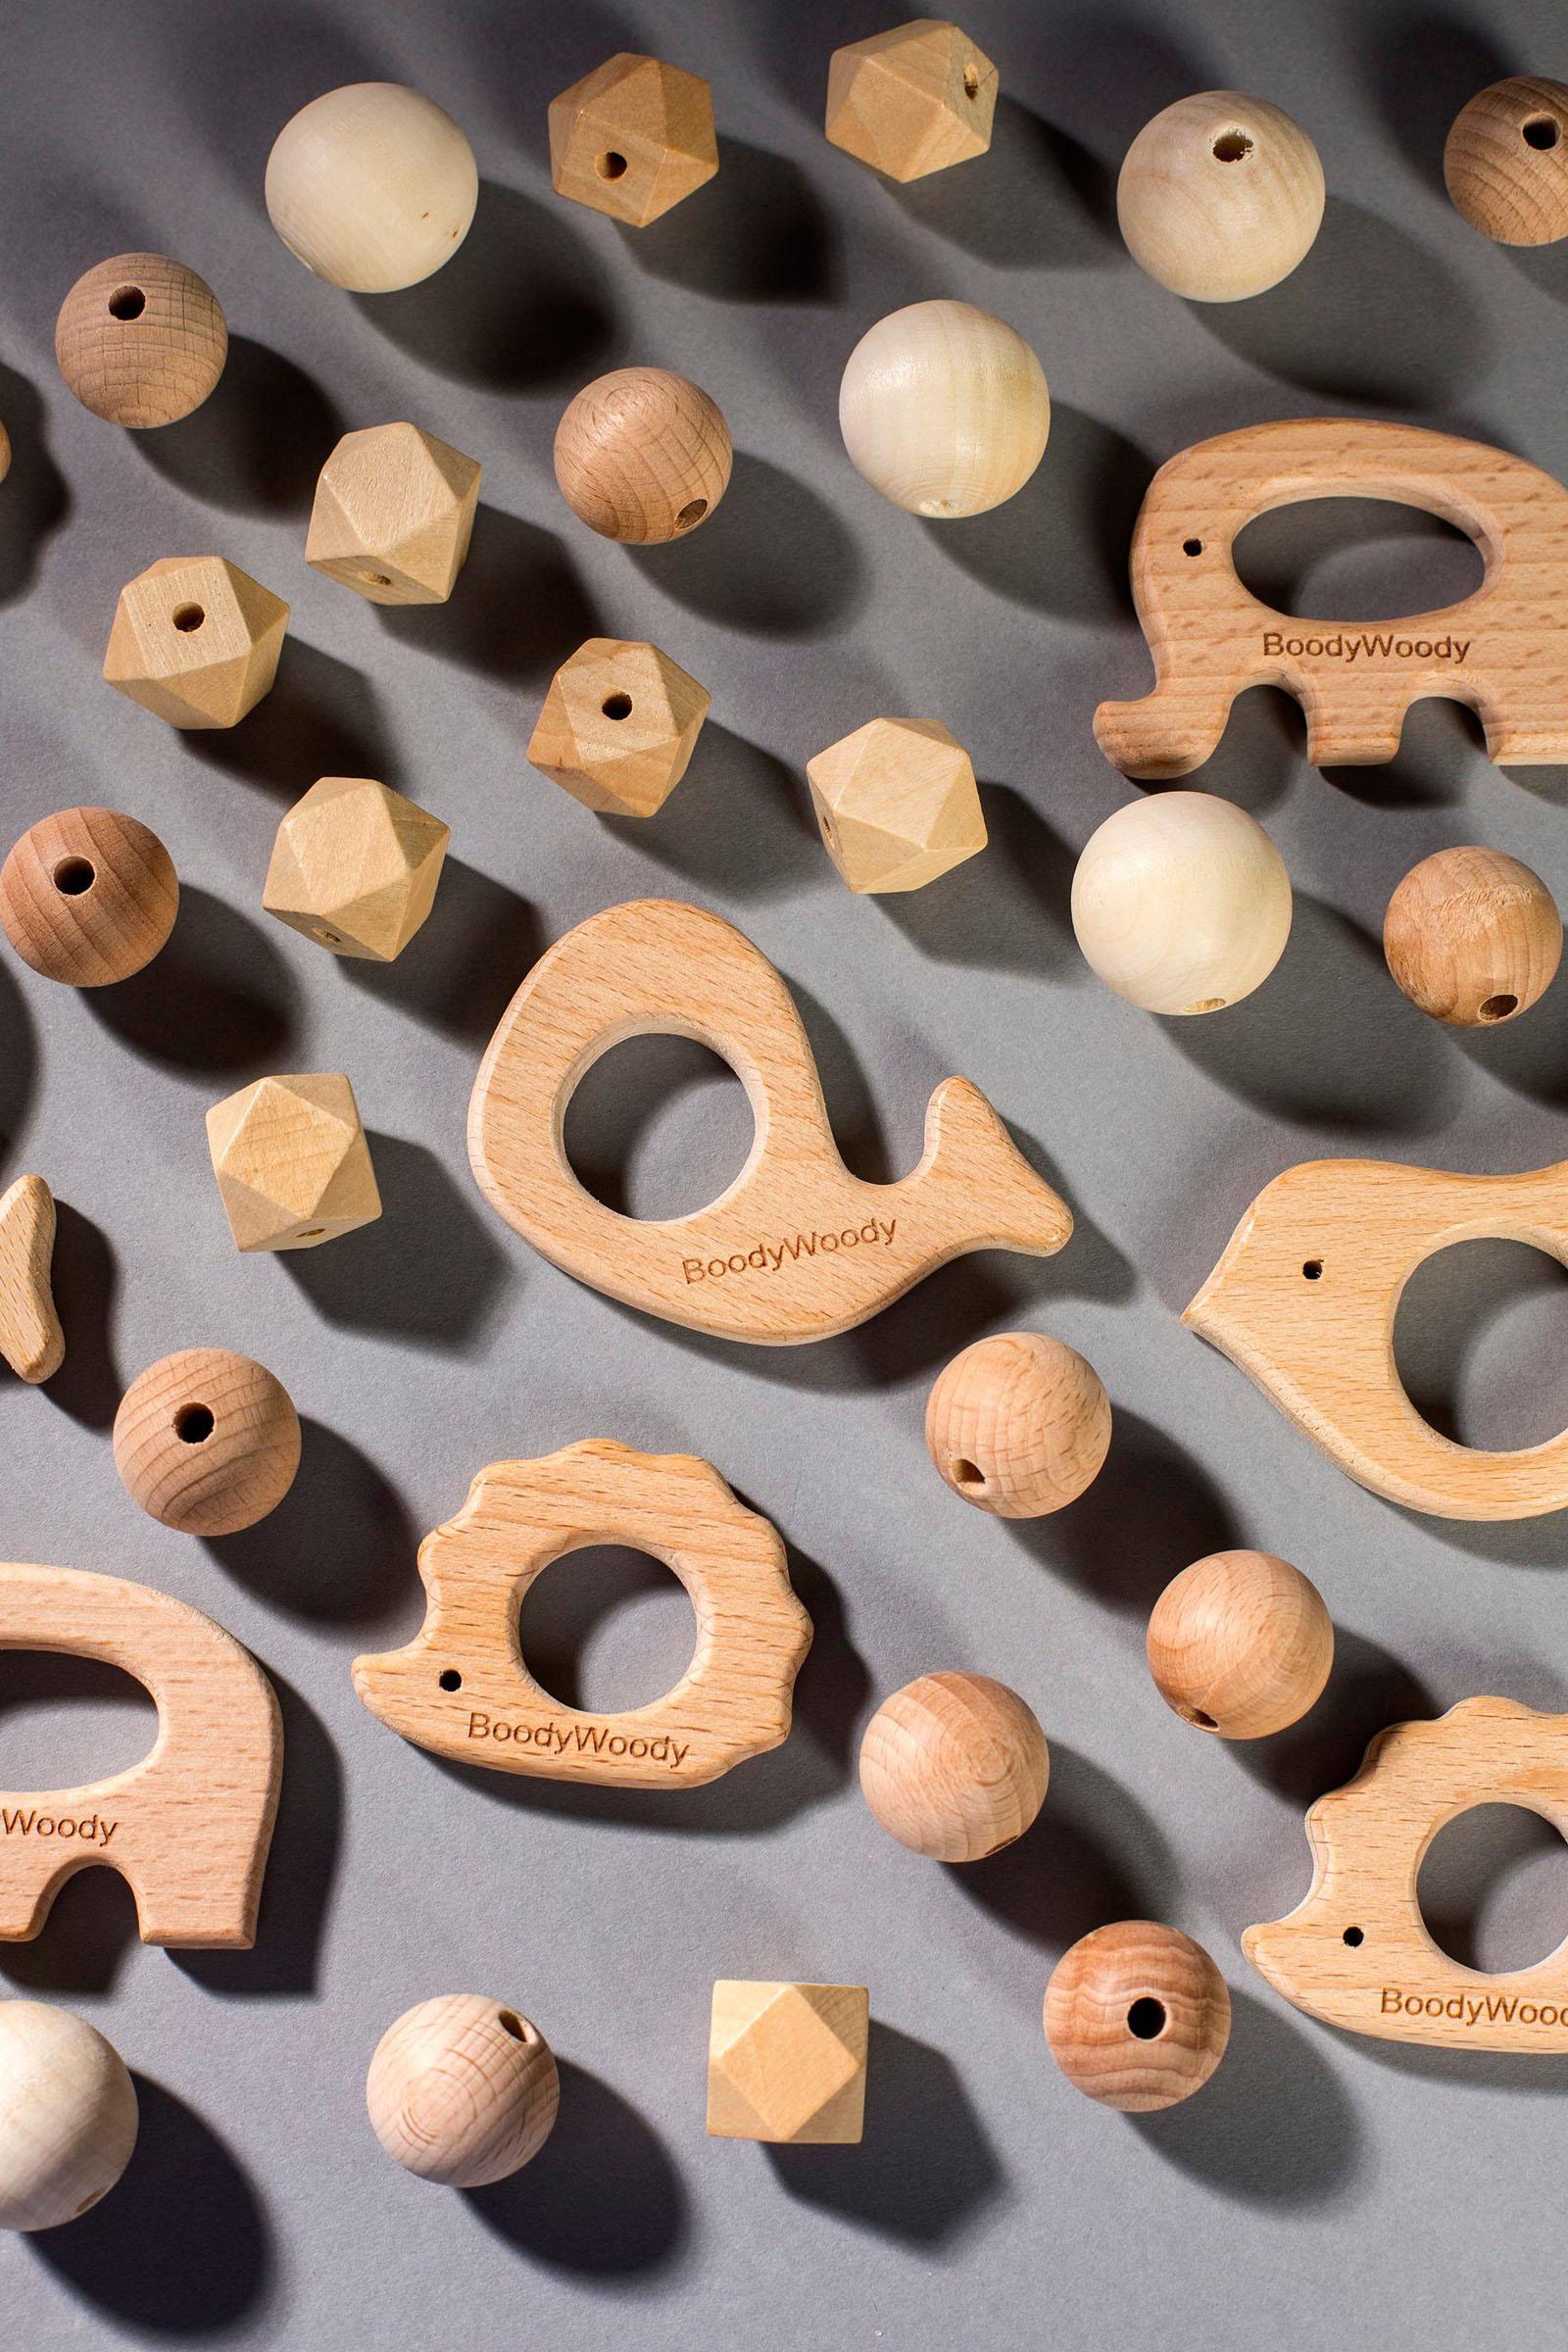 Zagreb, 040919. Matea Vitik i Mia Coso izradjuju drvene zvecke pod brendom BoodyWoody. Foto: Berislava Picek / CROPIX